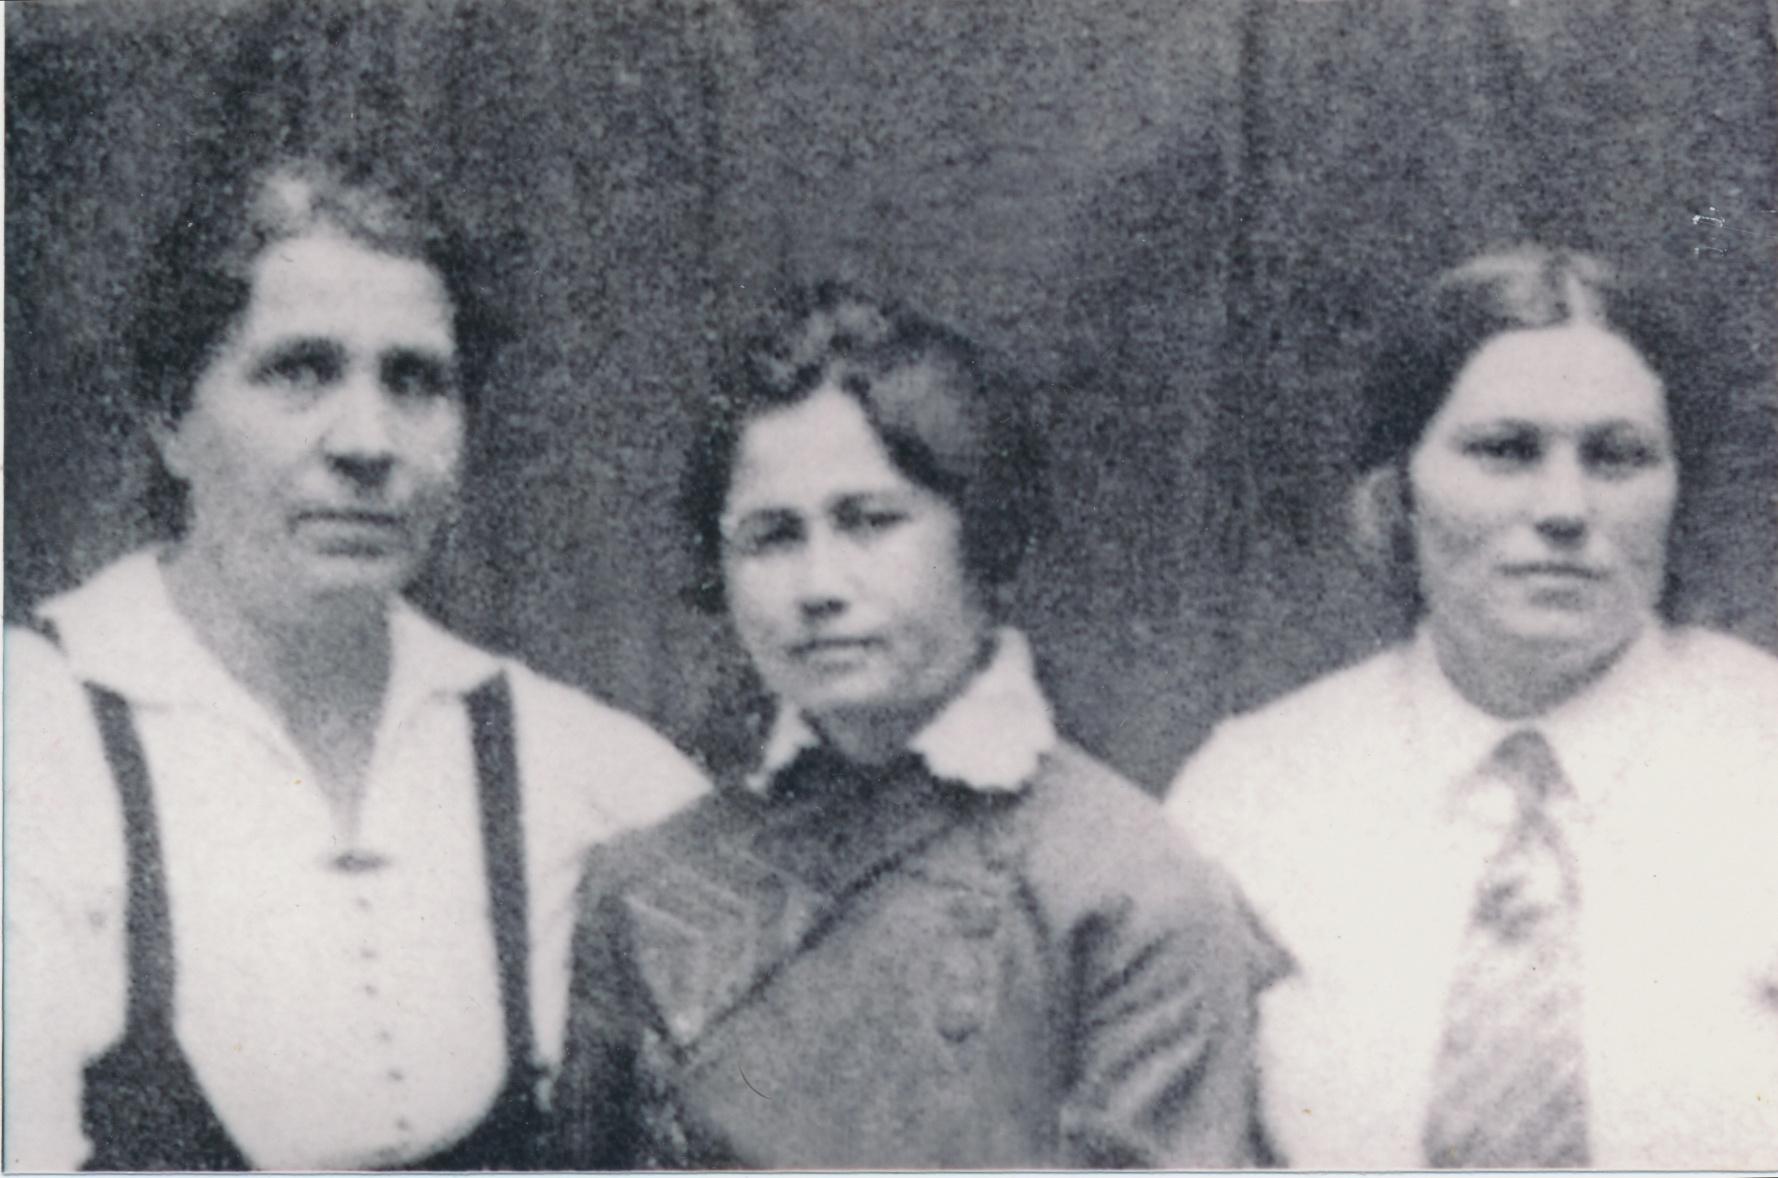 Витольд Фокин родился в семье учителей. Мать Евдокия Дмитриевна (в центре) с коллегами, середина 30-х. Отец погиб на фронте на Северном Кавказе в 1942-м, «маму из школы уволили, потому что во время оккупации у себя на дому преподавала. Ее выгнали, устроиться нигде не могла»